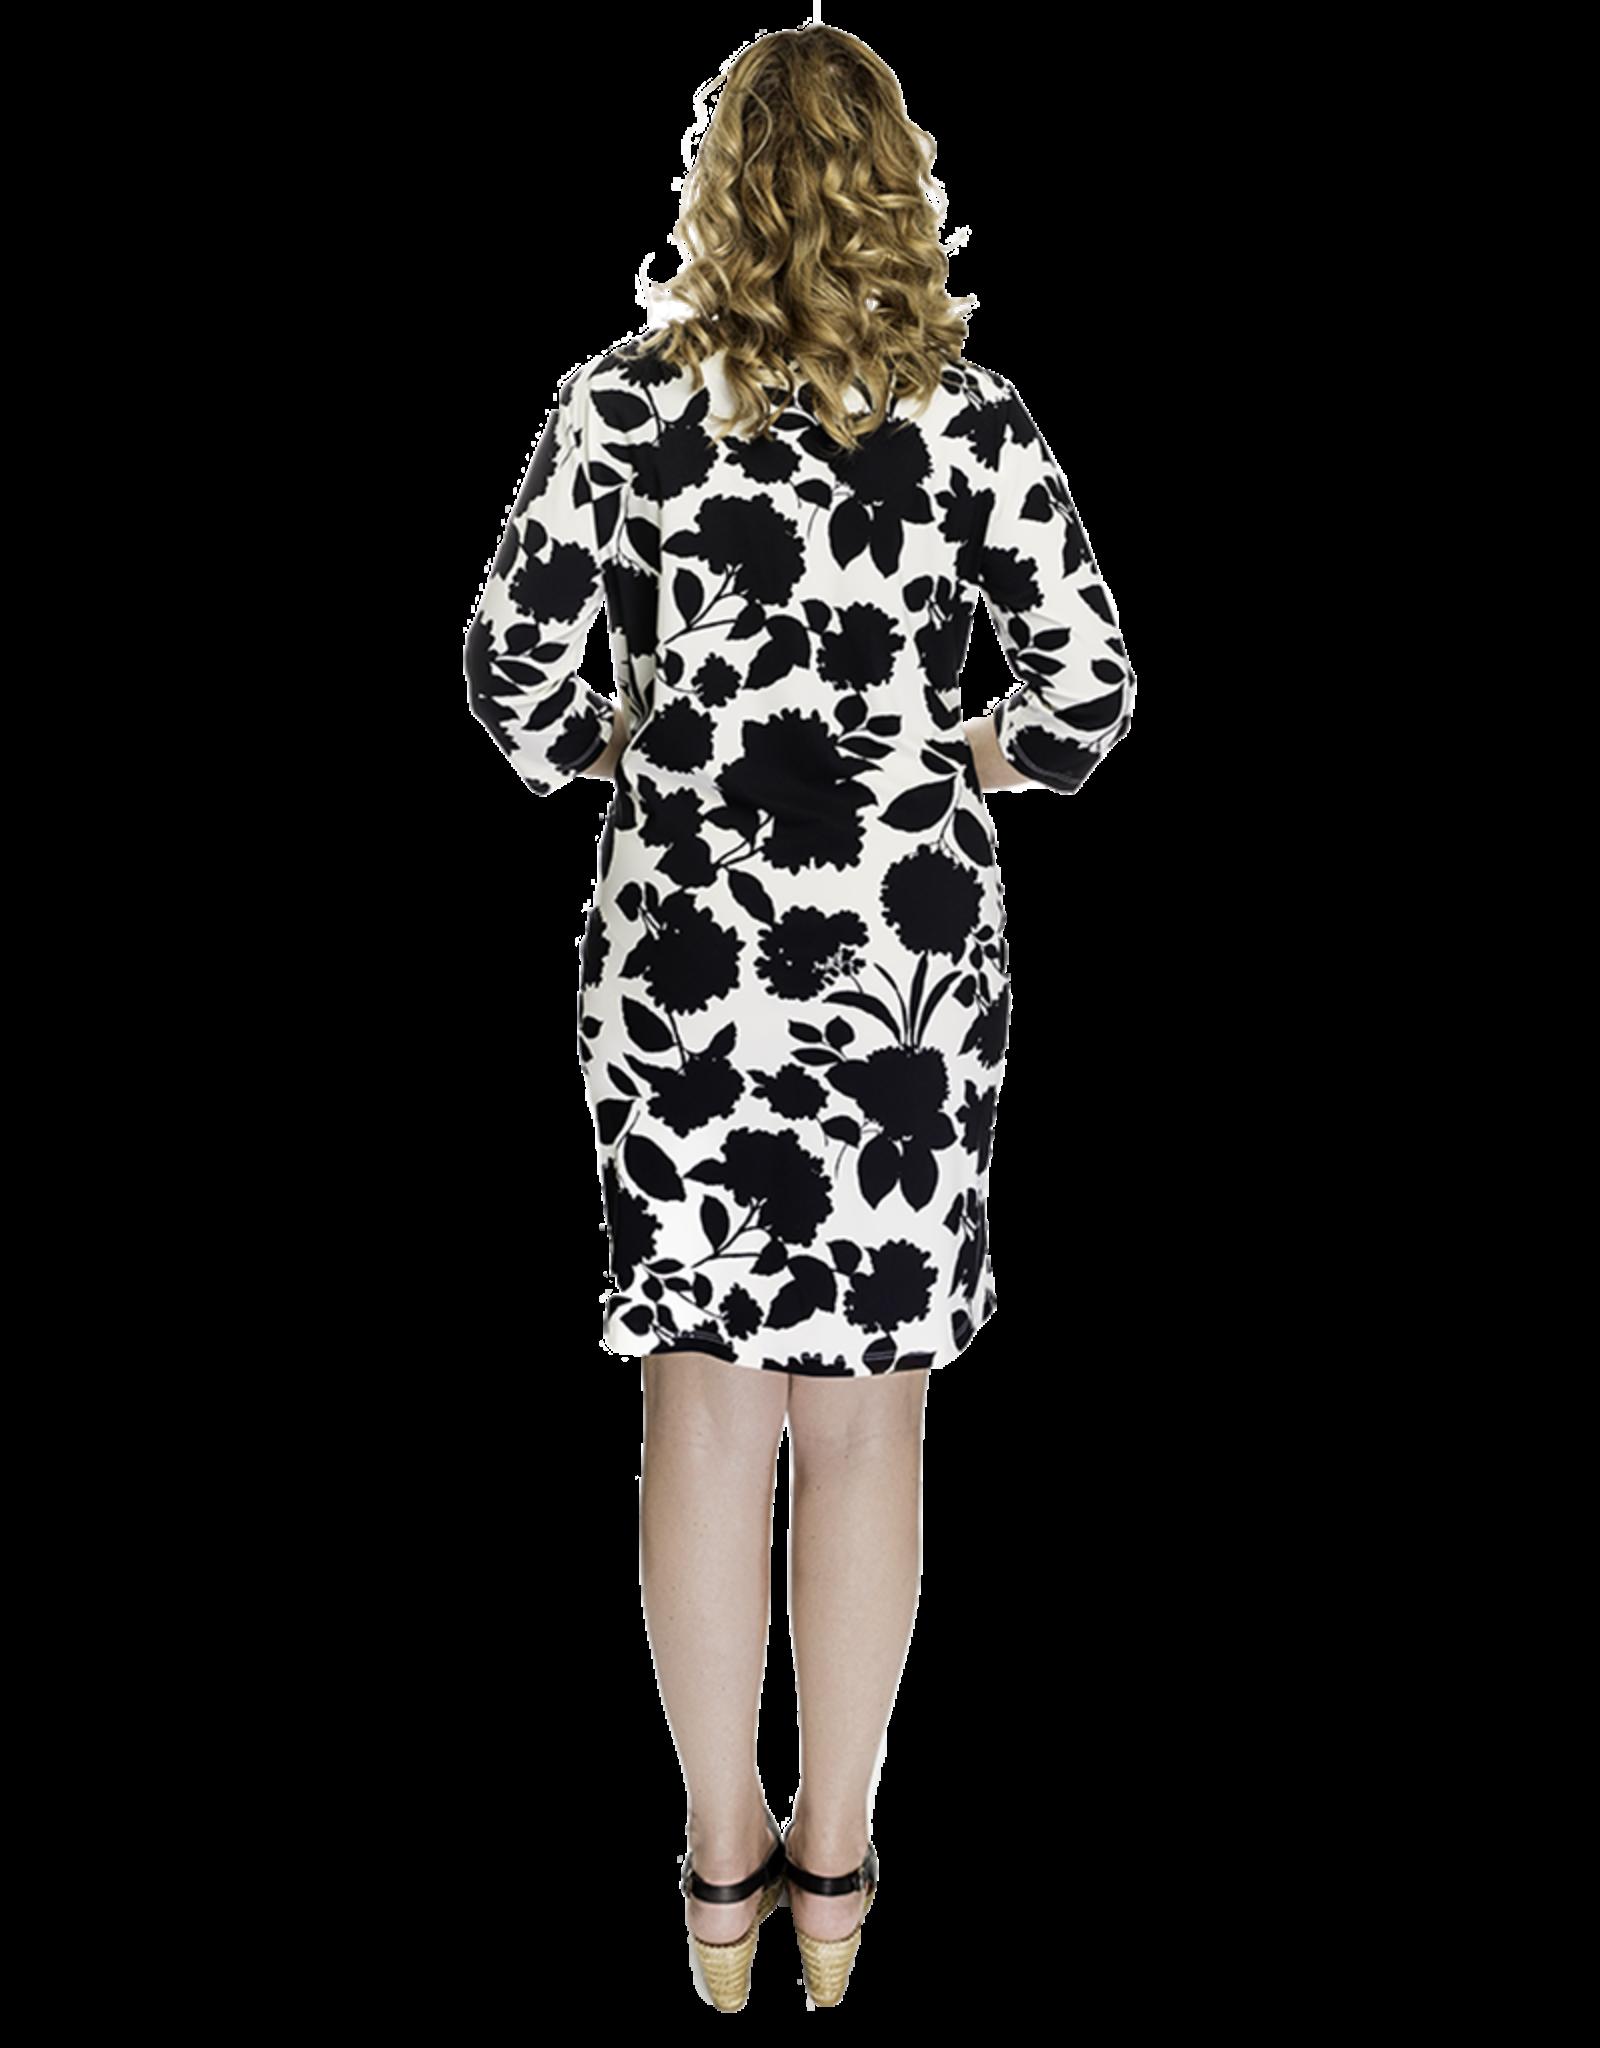 Lovely Dress Jurk Hanny dessin Flower Black&White